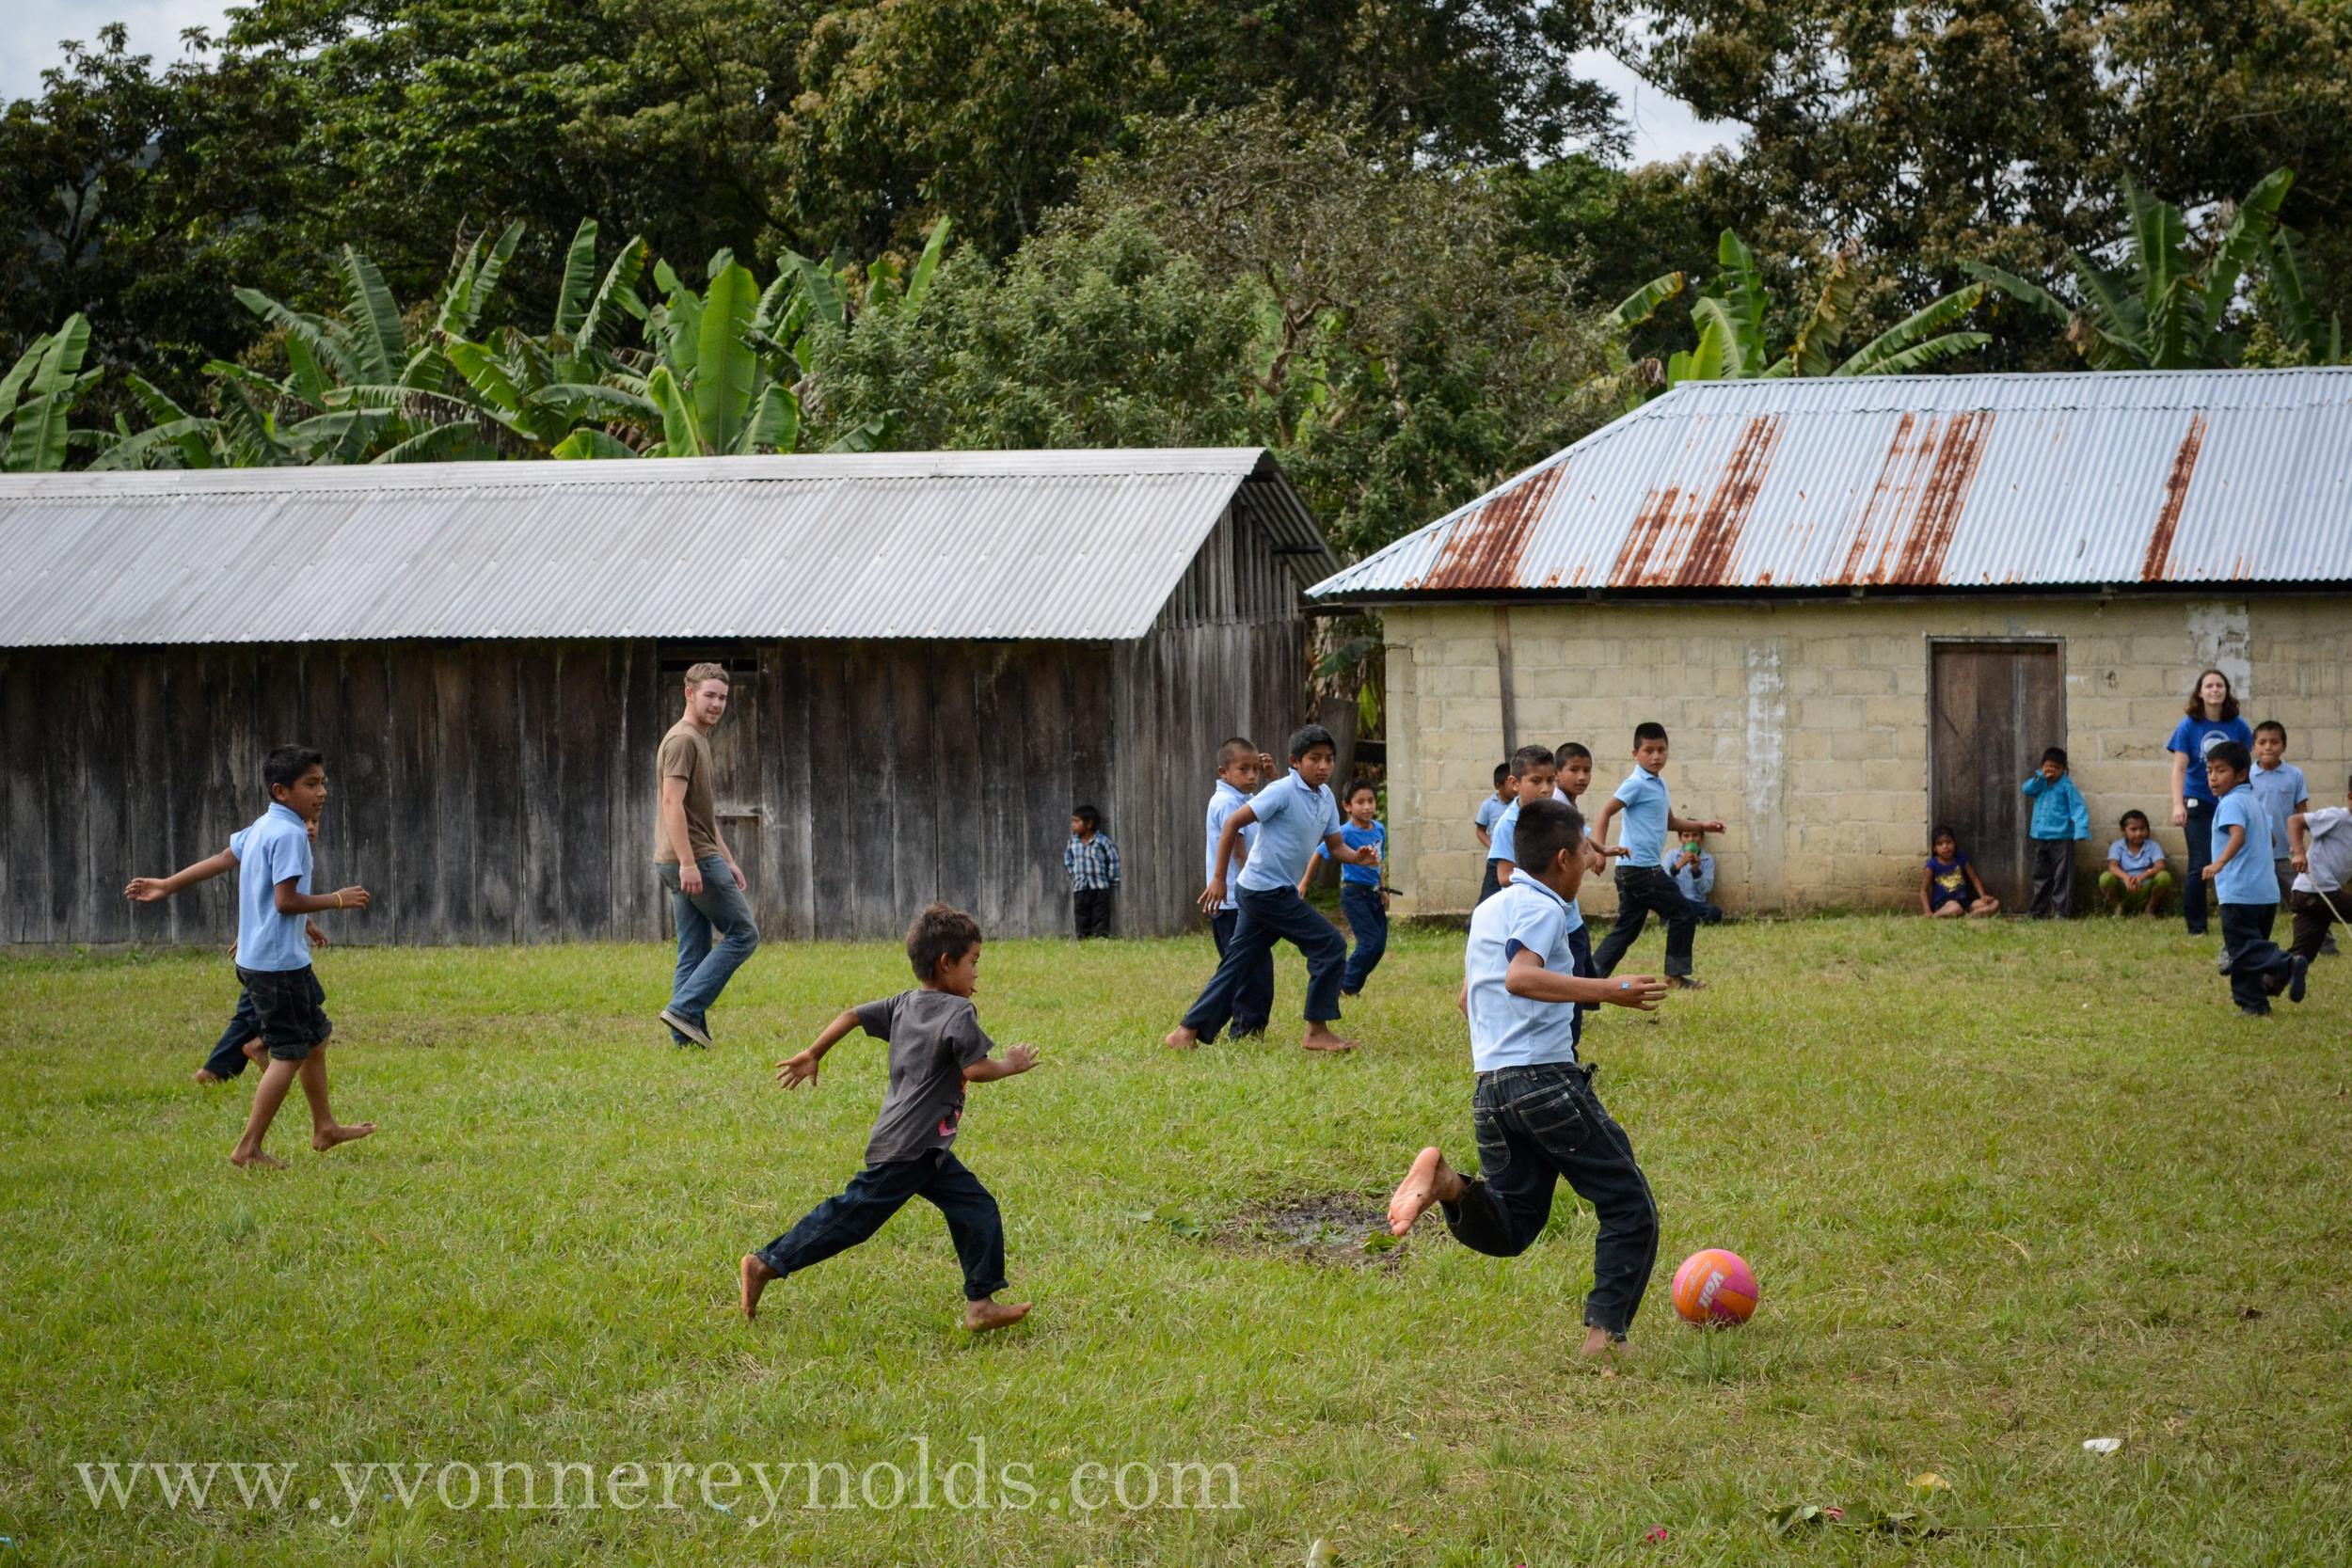 One more game of futbol